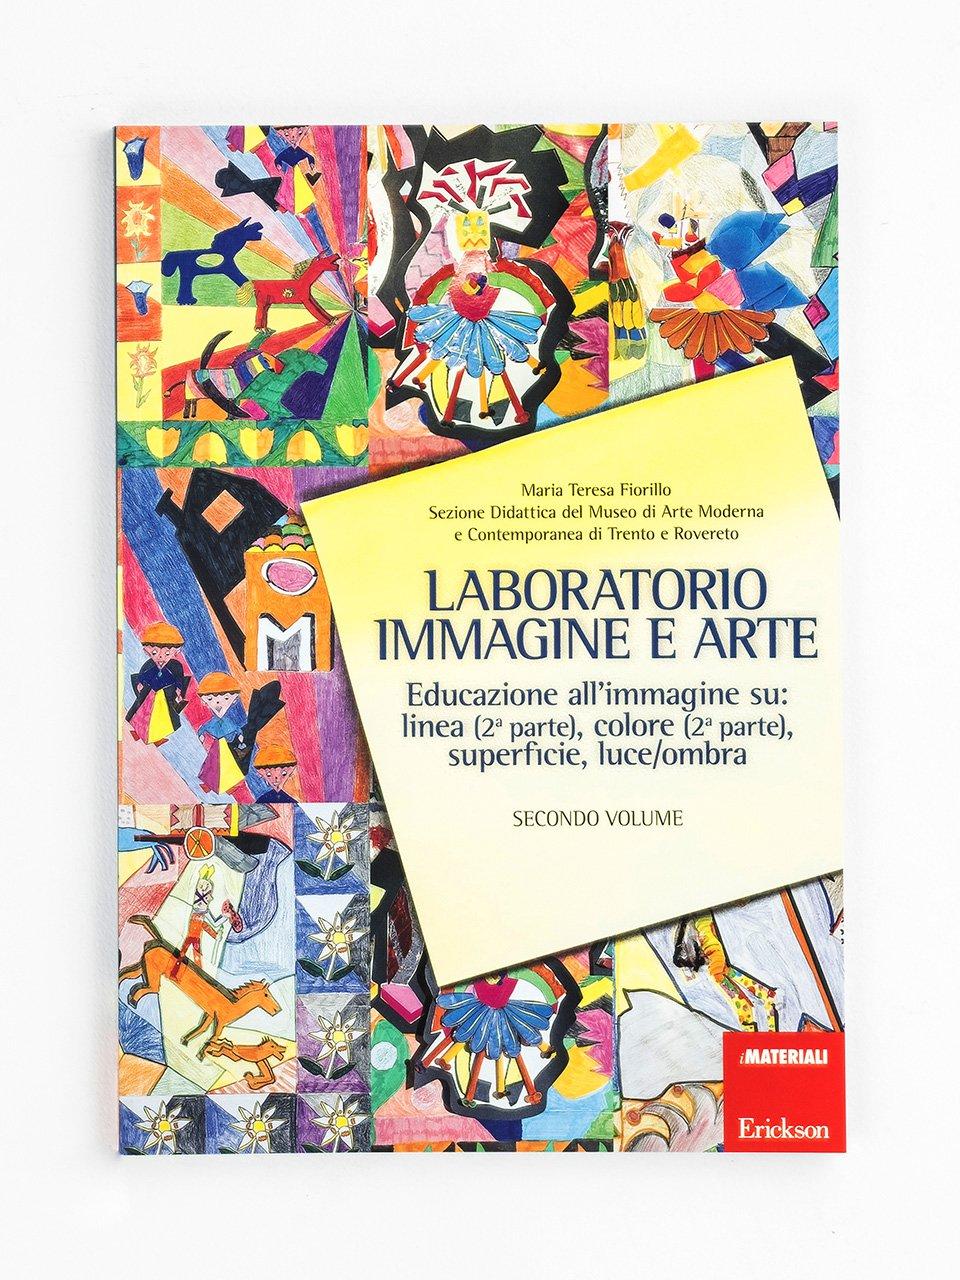 Laboratorio immagine e arte - Volume 2 - Laboratori di creatività per l'autismo - Libri - Erickson